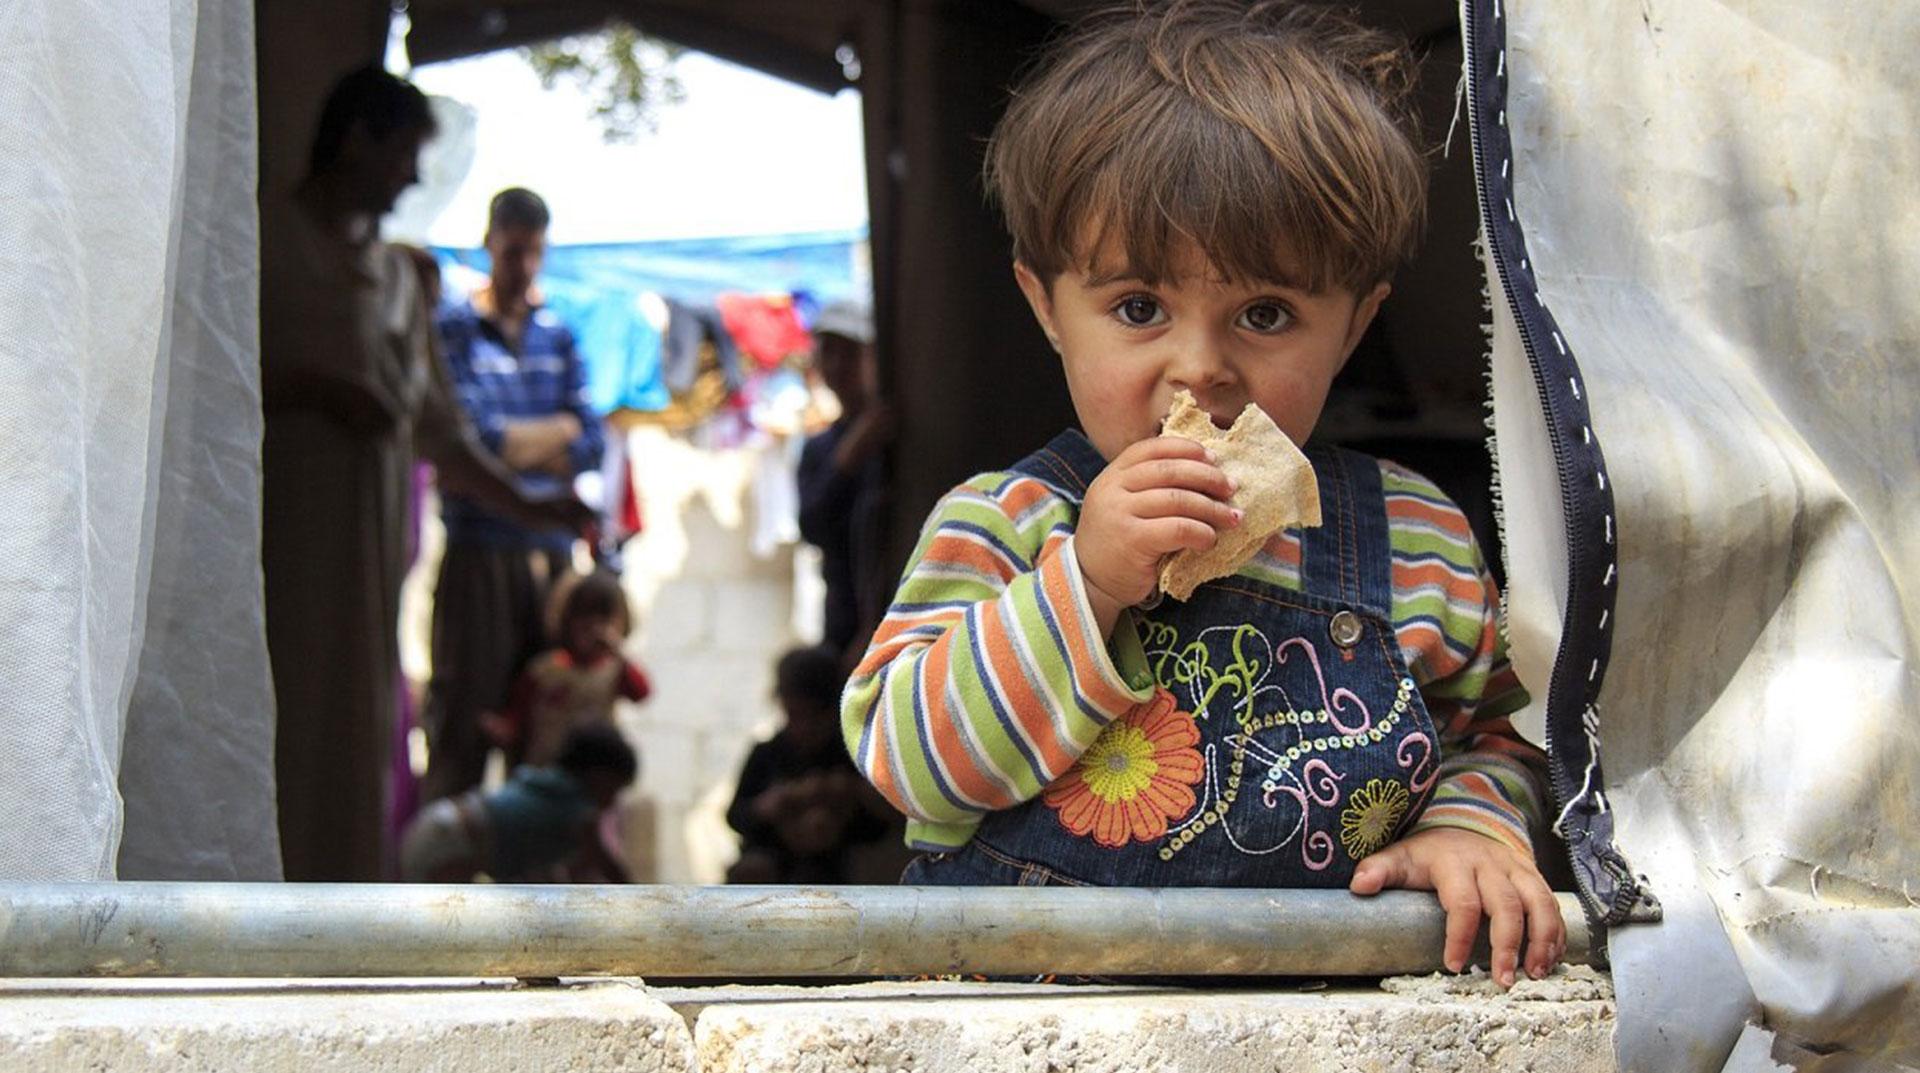 İdlib'de Savaşın Mağduru Yine Çocuklar Oldu